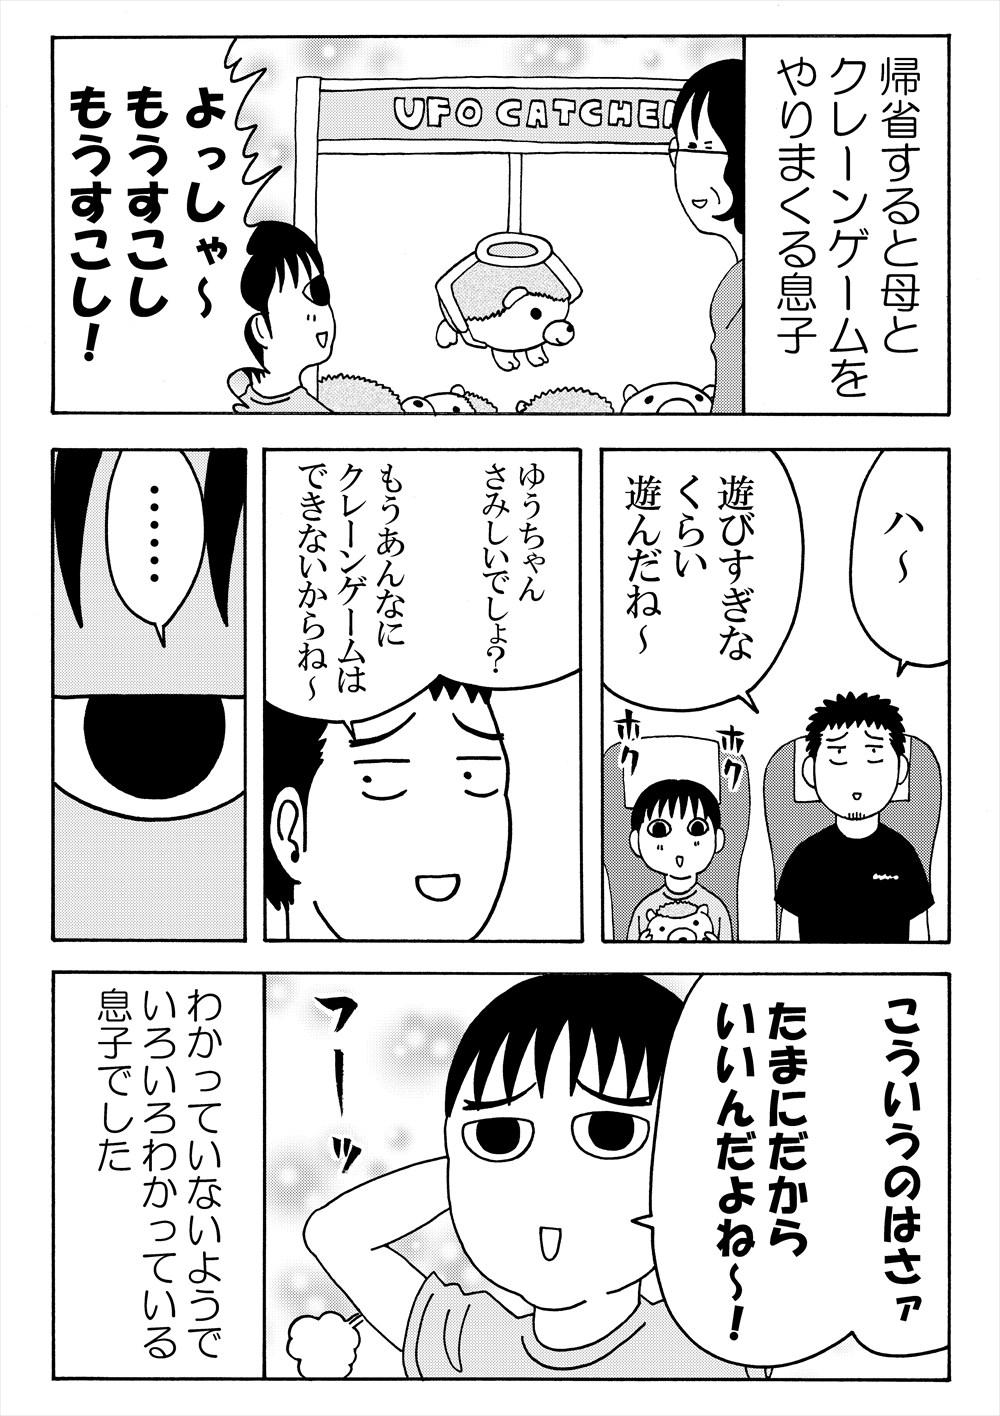 kyounoyokouamake5_R